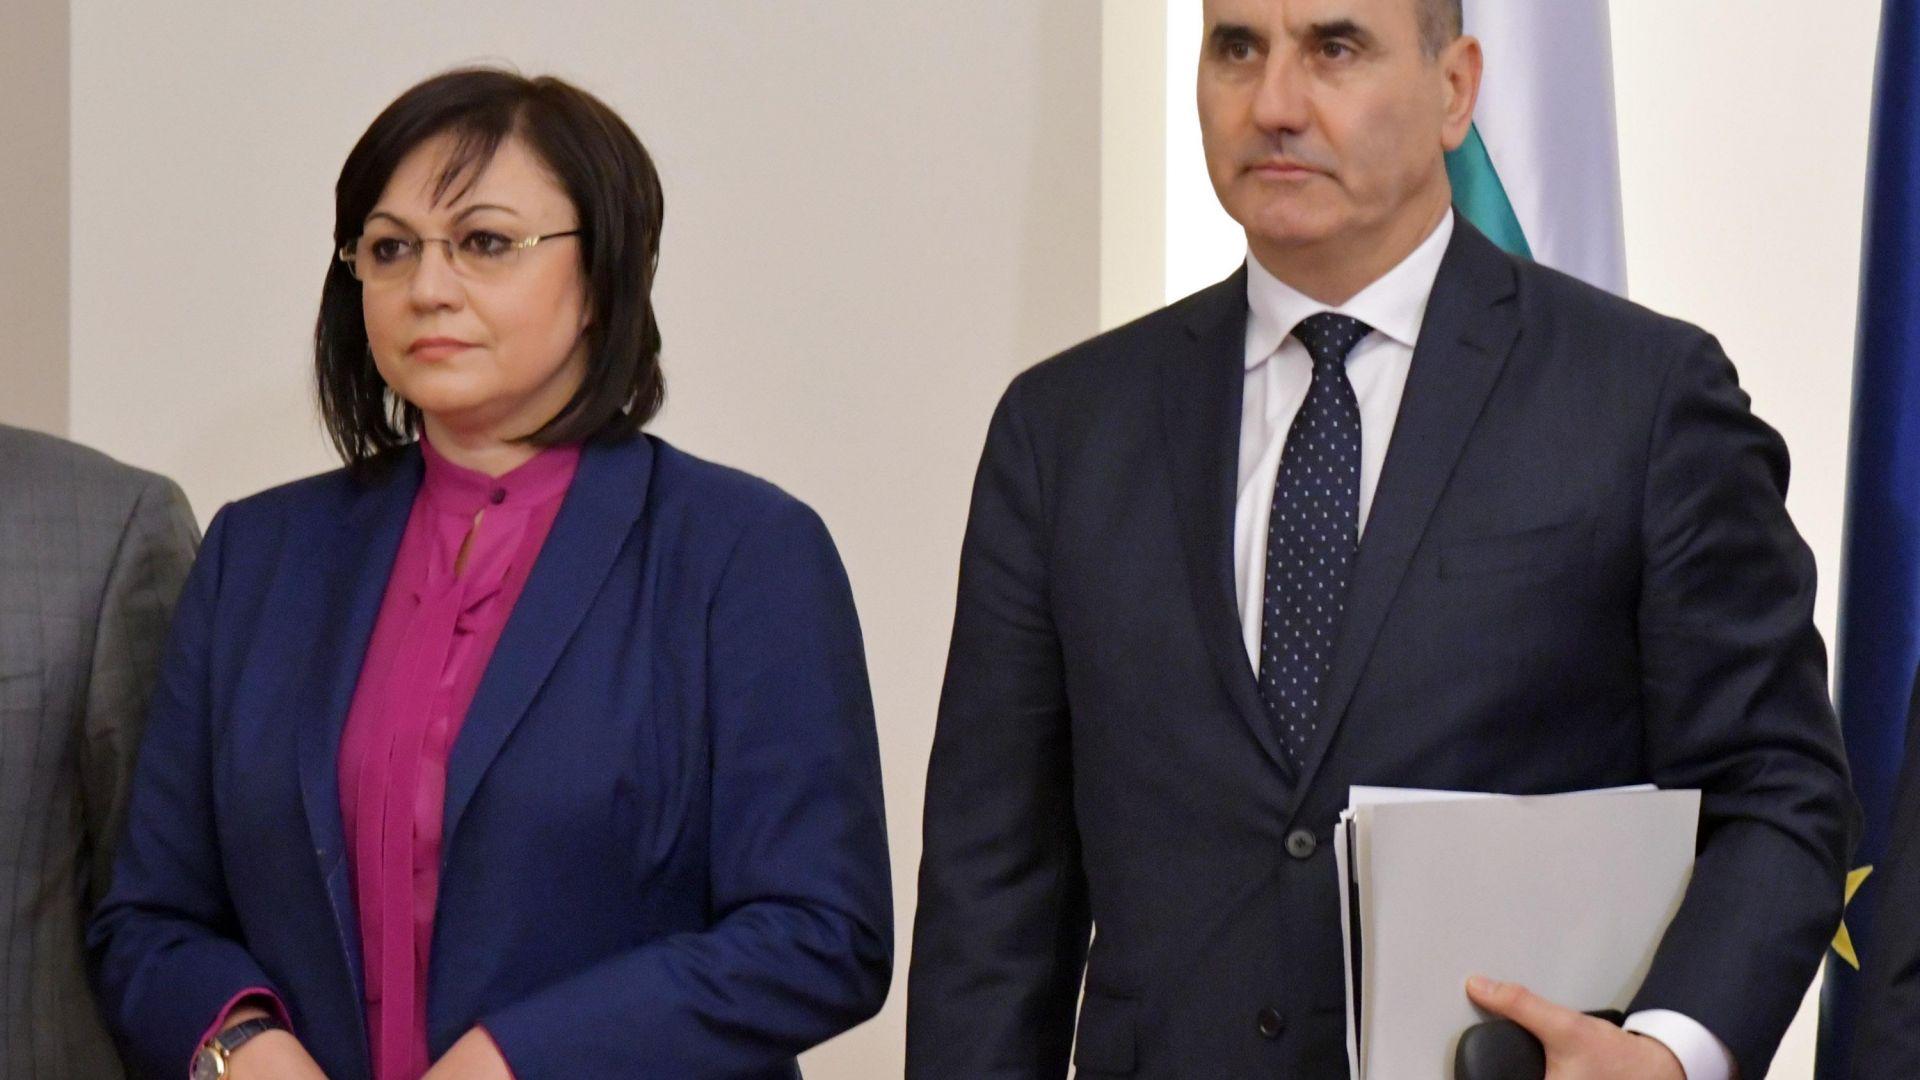 Снимка: Цветанов Цветанов обвини в лъжа Корнелия Нинова